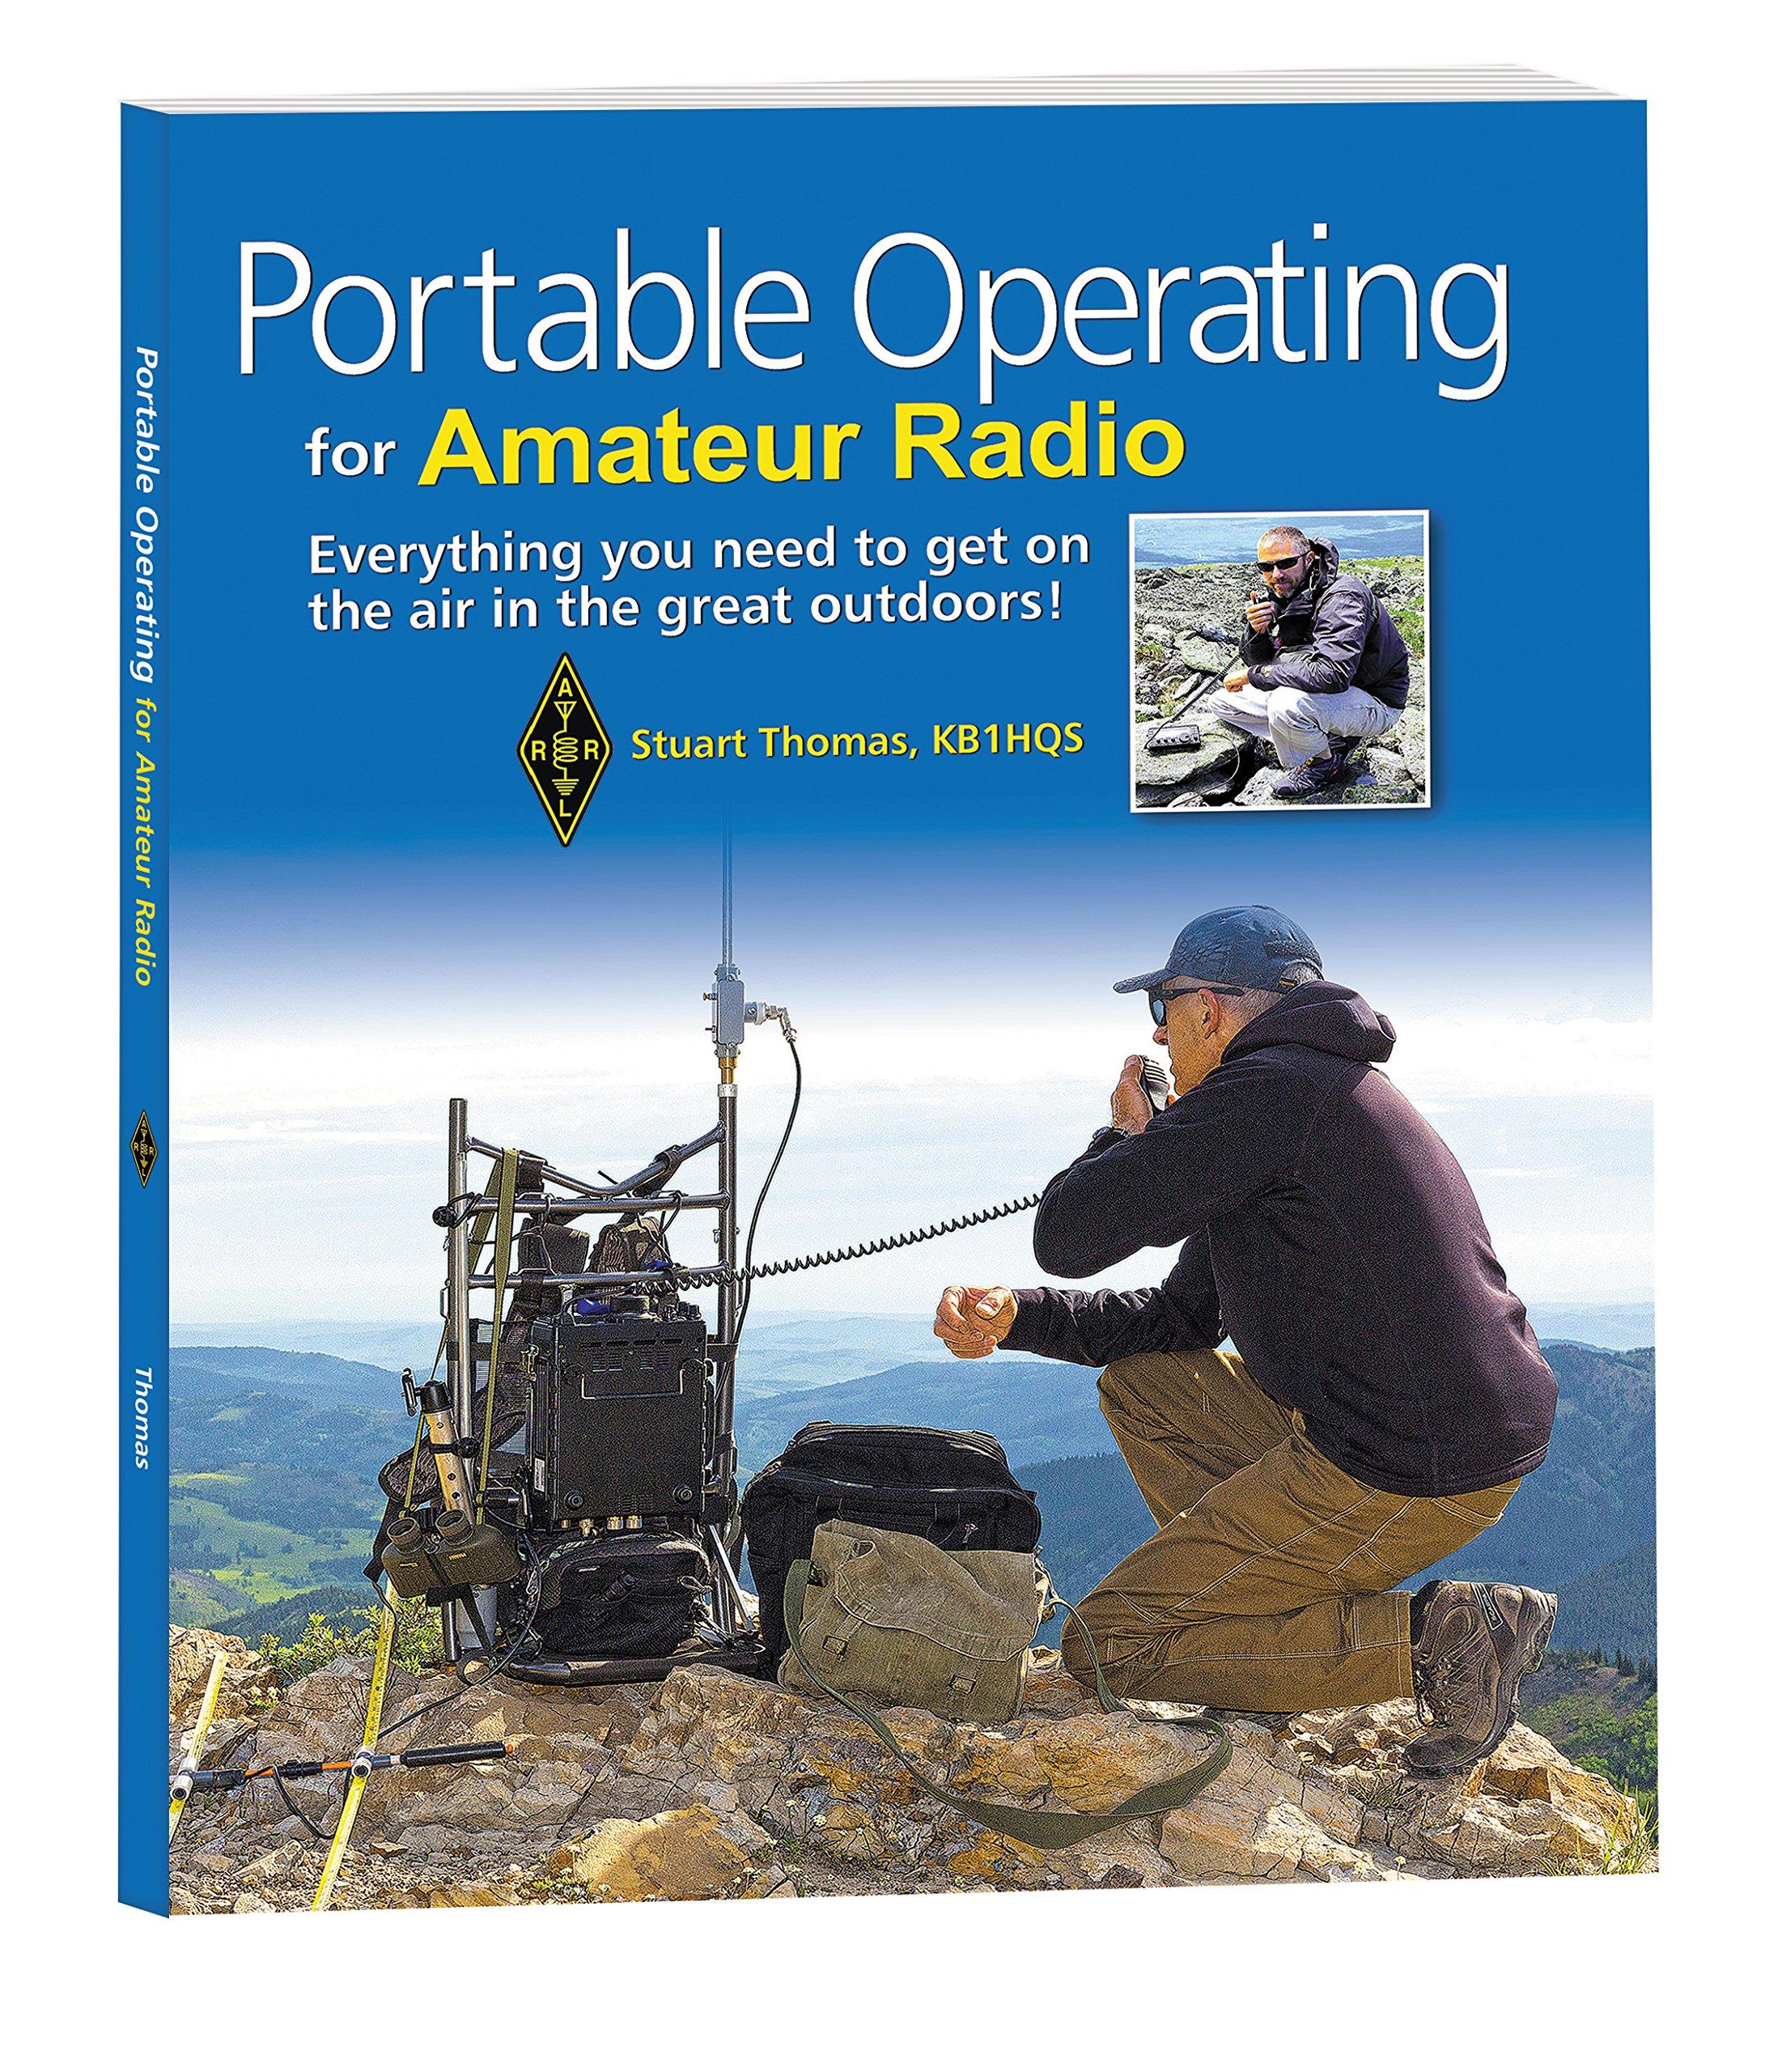 pictures Amateur radio